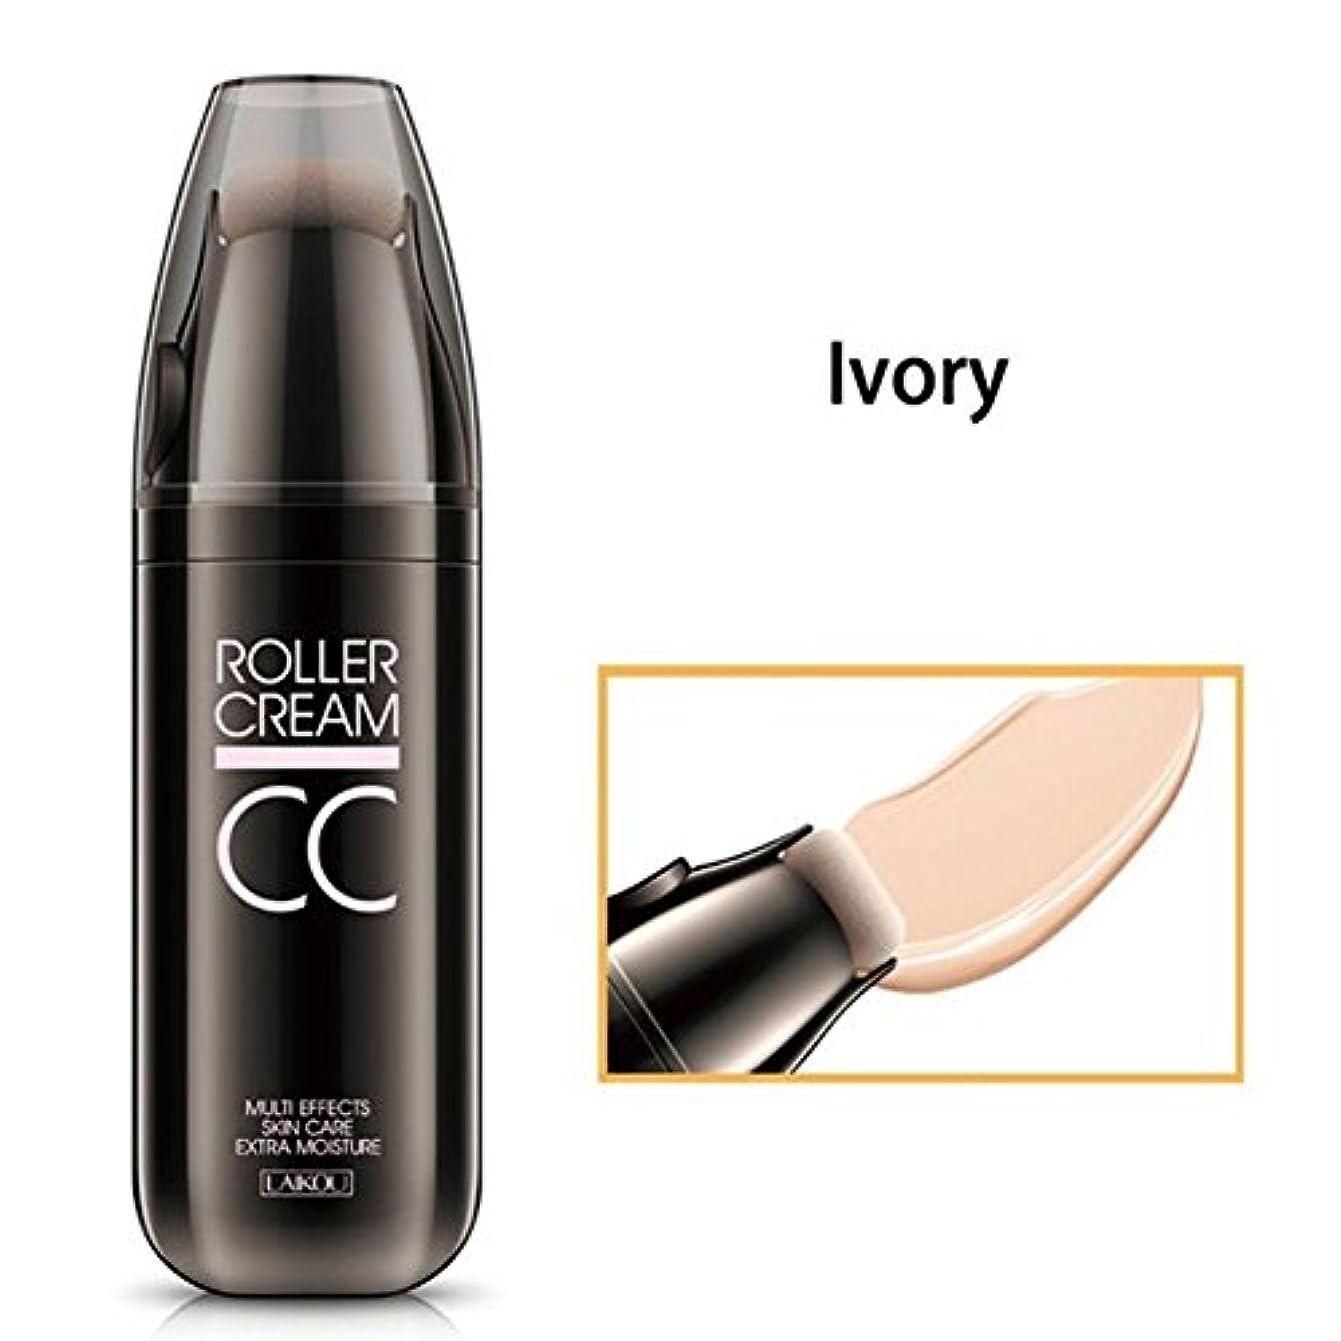 厚さ相関する厚さRabugoo CCクリームコンシーラーパウダーファンデーション、ローラースポンジパフモイスチャライザーオイルコントロールナチュラルメイク Ivory 30g